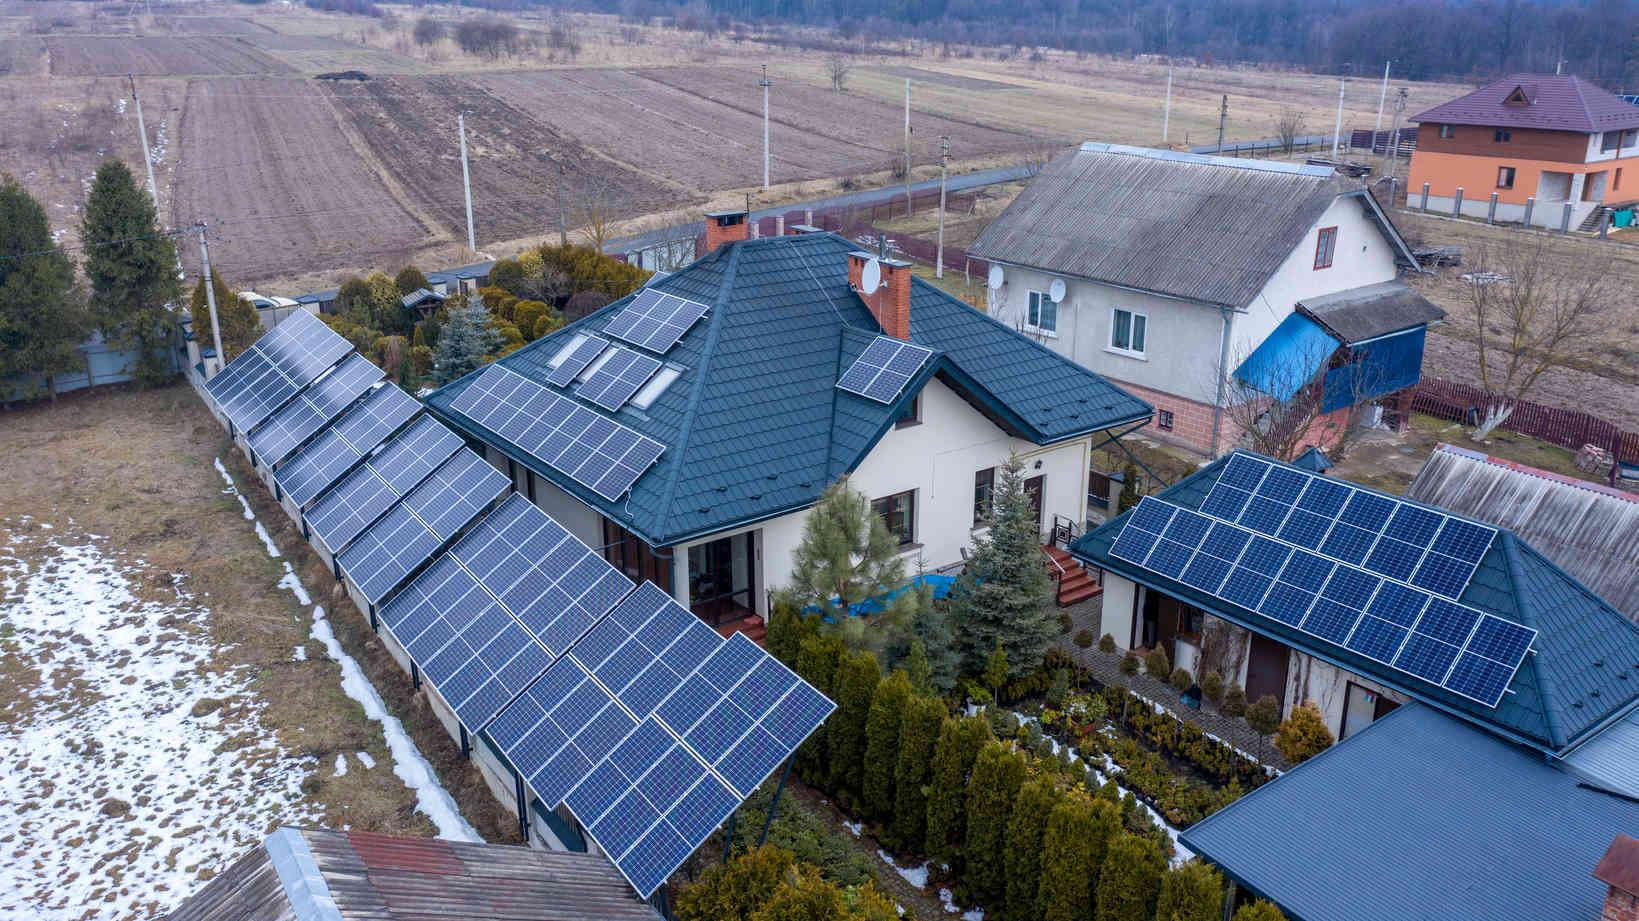 Мережева сонячна електростанція (СЕС) потужністю 33,68 кВт – Фотозвіт #1